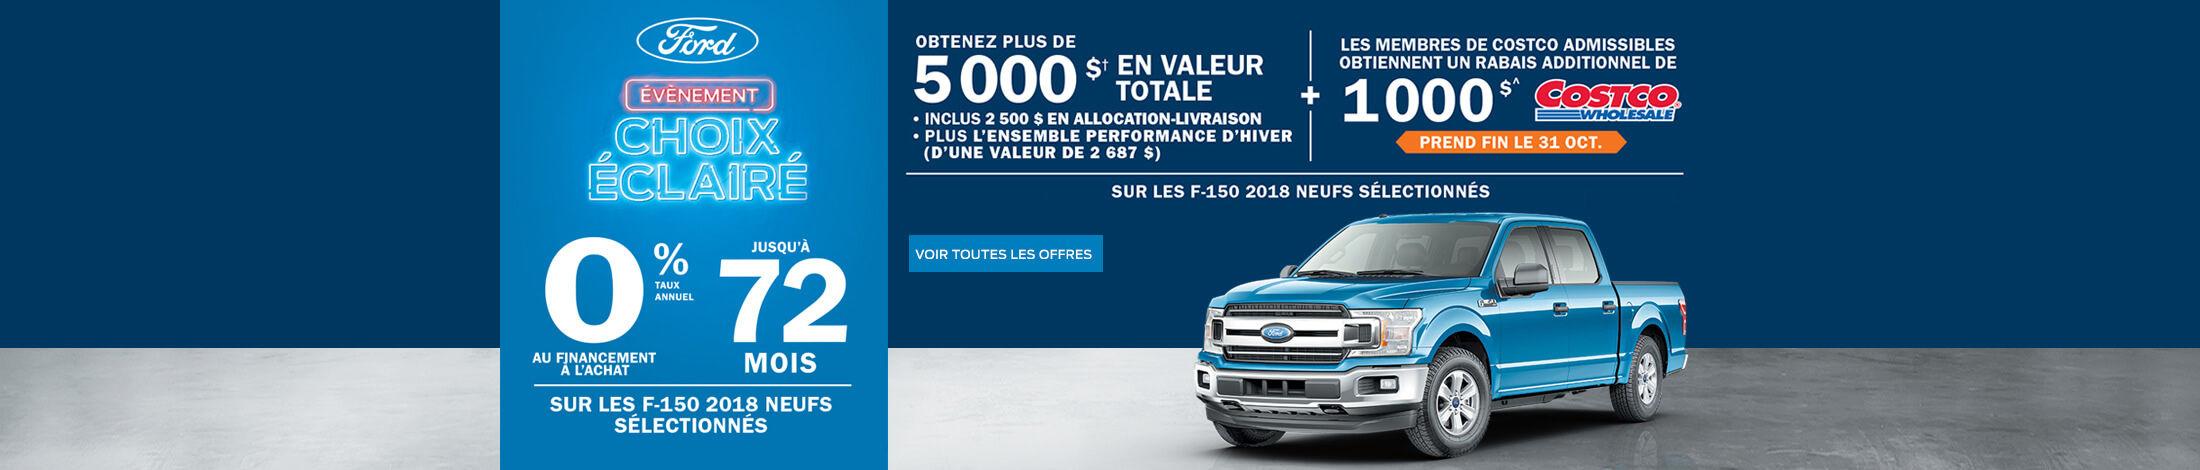 Ford-Événement choix Éclairé